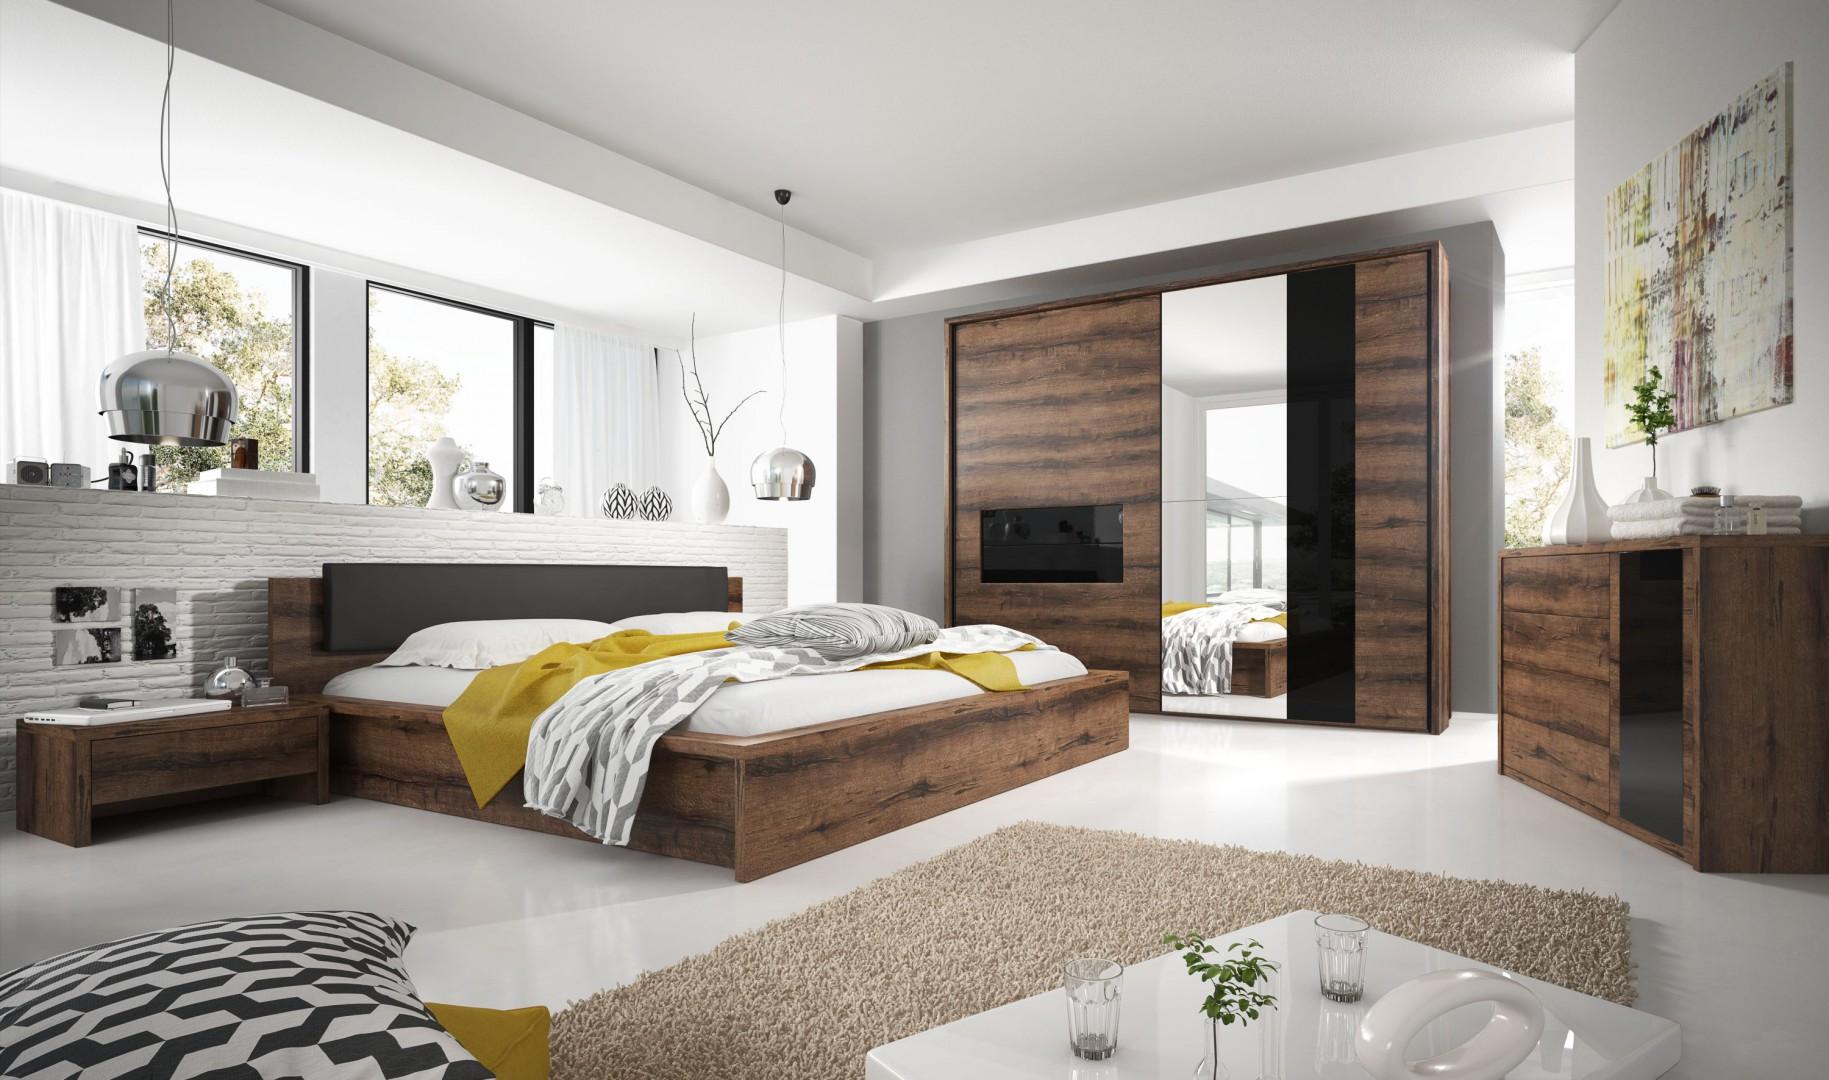 Sypialnia Indira to nowoczesne meble o minimalistycznych kształtach. Fot. Helvetia Wieruszów